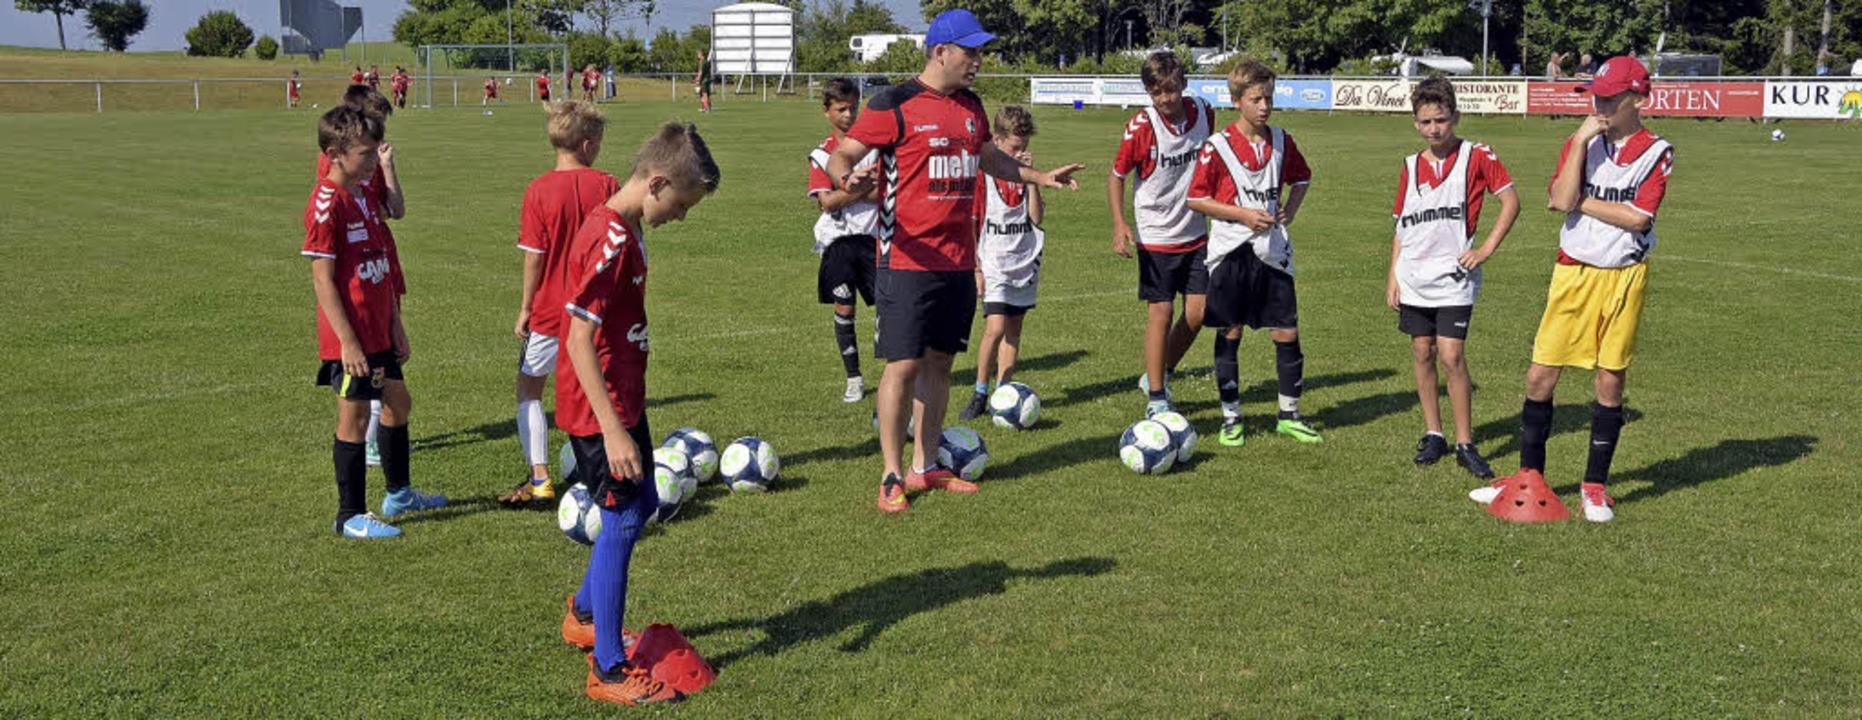 Bernie Beringer (Bildmitte) erklärt den Kindern eine Übung.   | Foto: Stefan Pichler